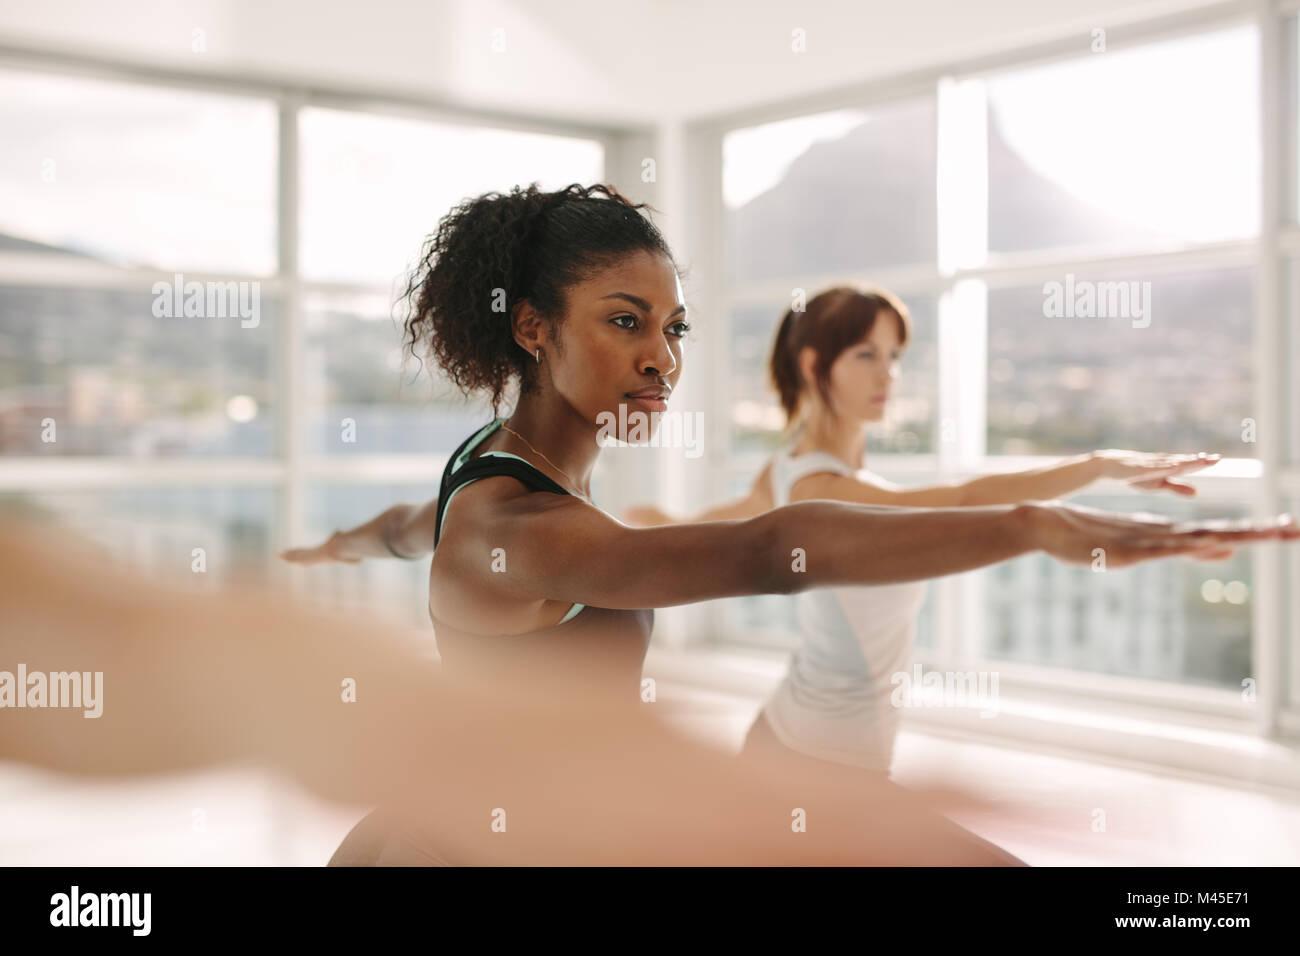 Las mujeres que realizan ejercicios de estiramiento y yoga entrenar en el gimnasio. Entrenador femenino con su estudiante Imagen De Stock